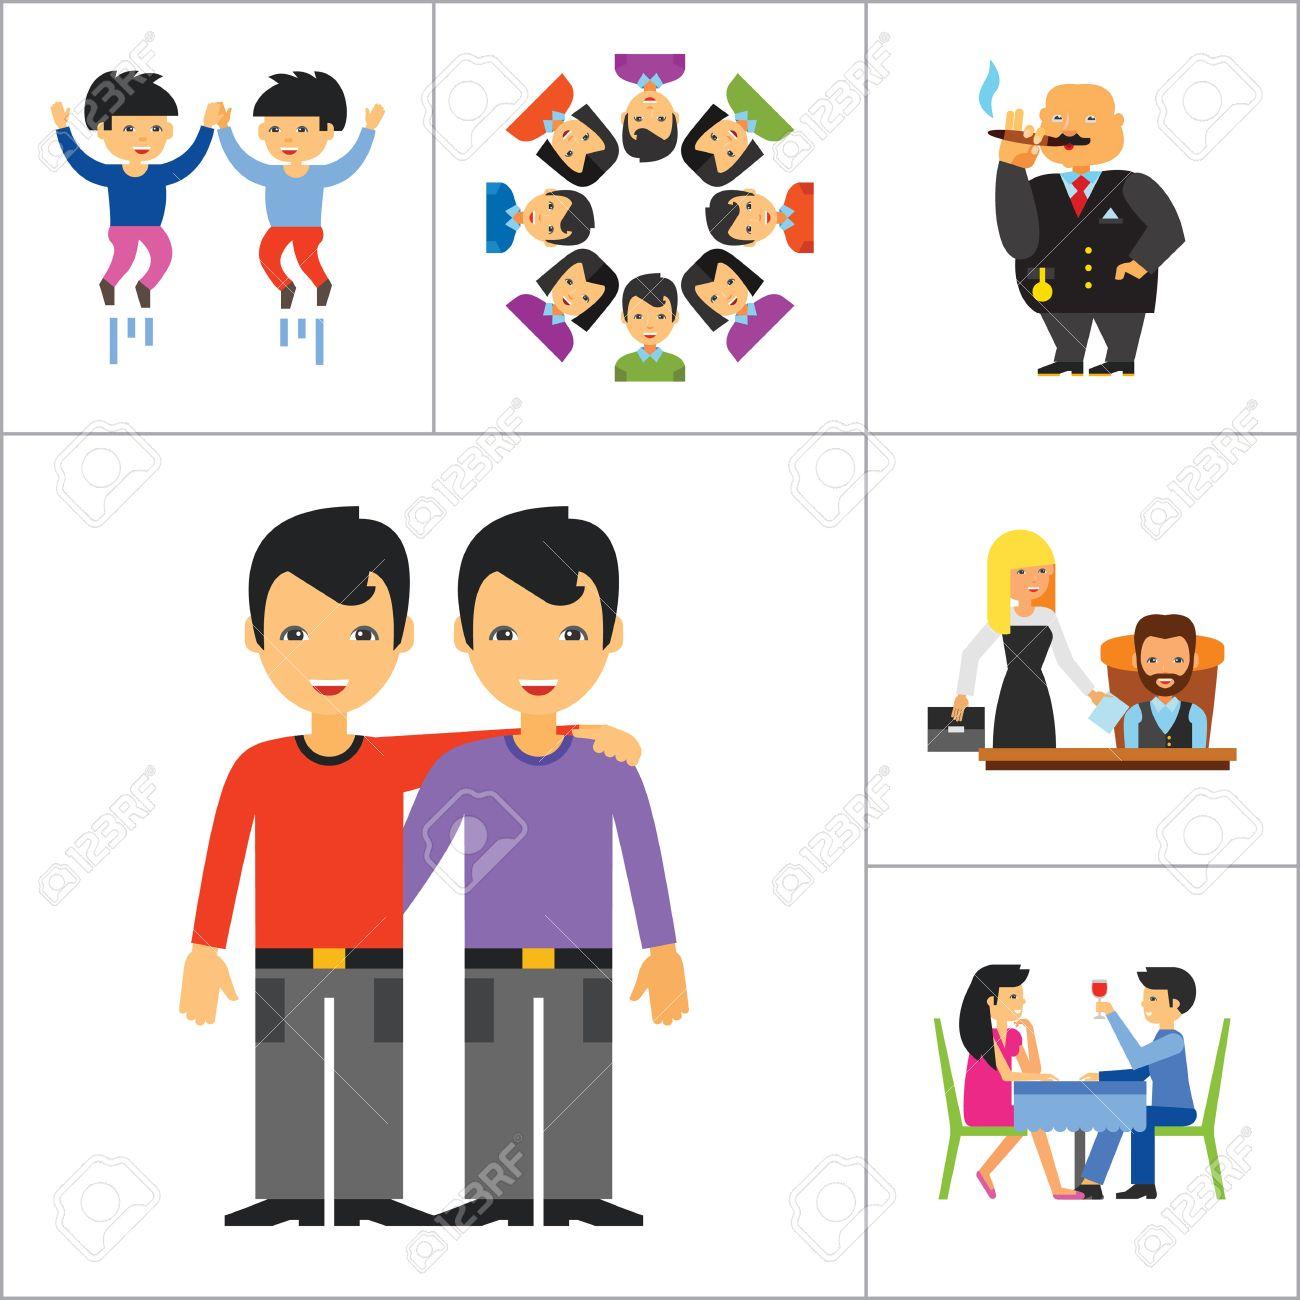 Famille Affichage Respect Amour Symbole Couple On Park Bench Rencontre équipe Dîner Amis Greeting Directeur patron Idée Common Rich Personne